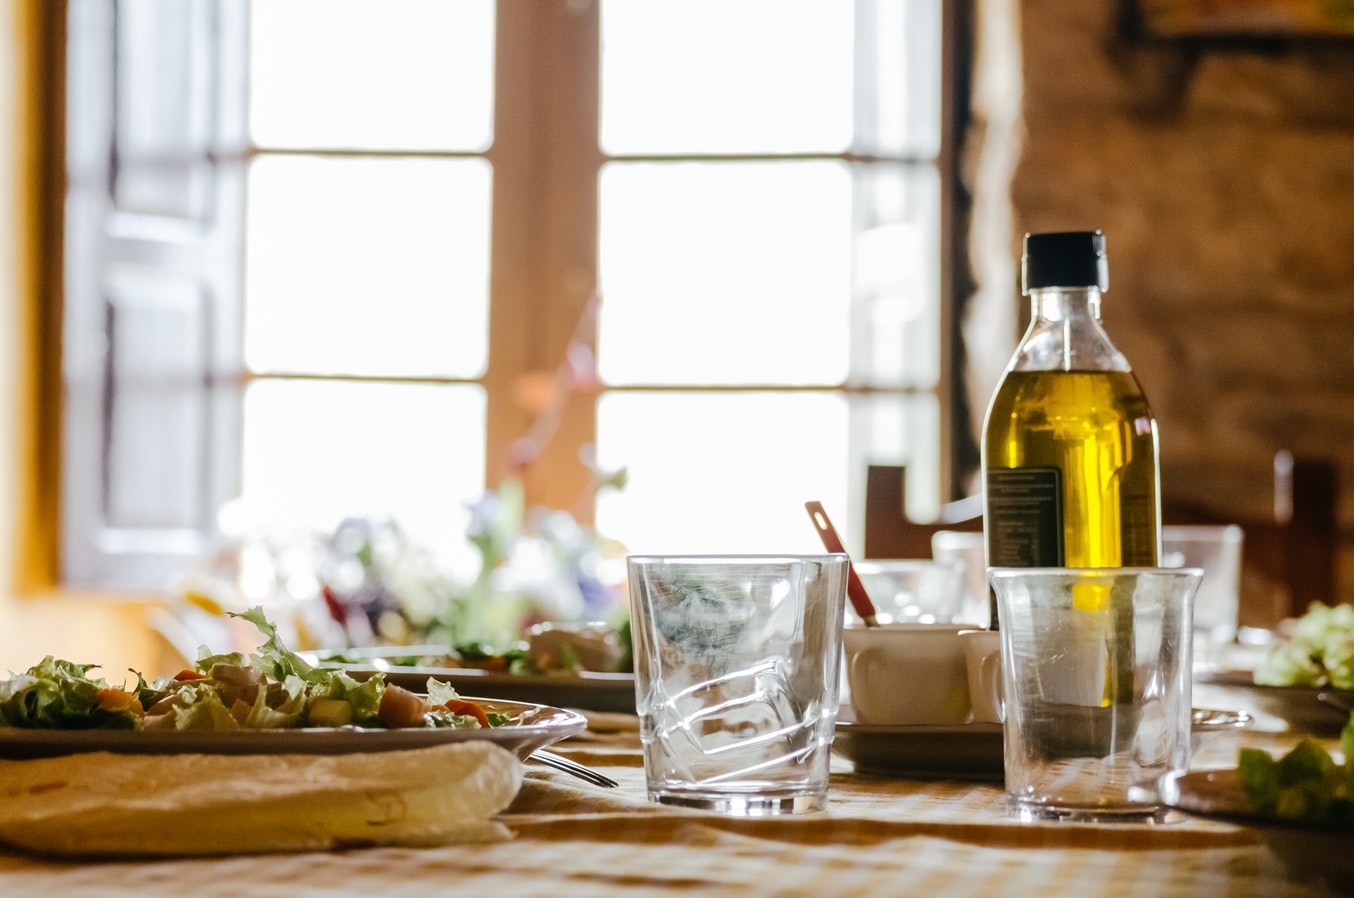 dieta mediterránea por intercambios de alimentos